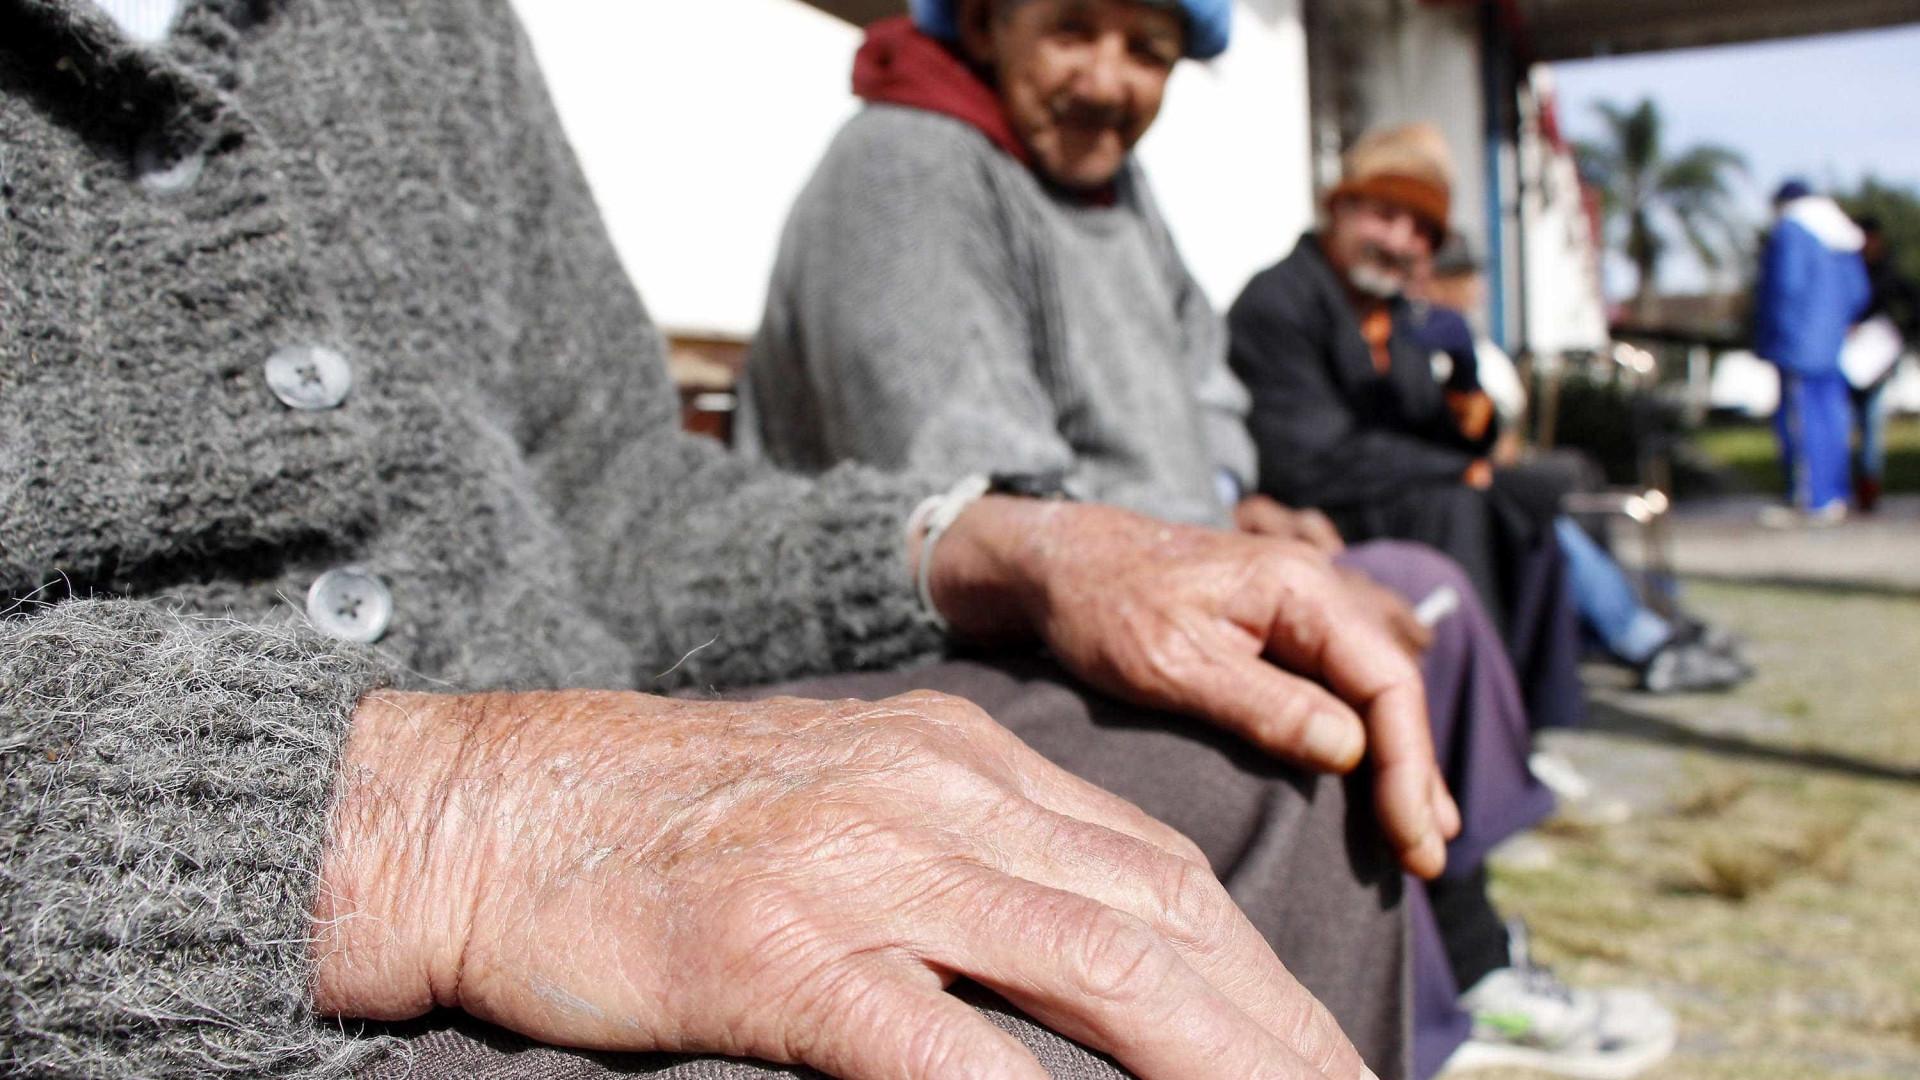 Novo fator previdenciário reduz aposentadoria da regra de transição